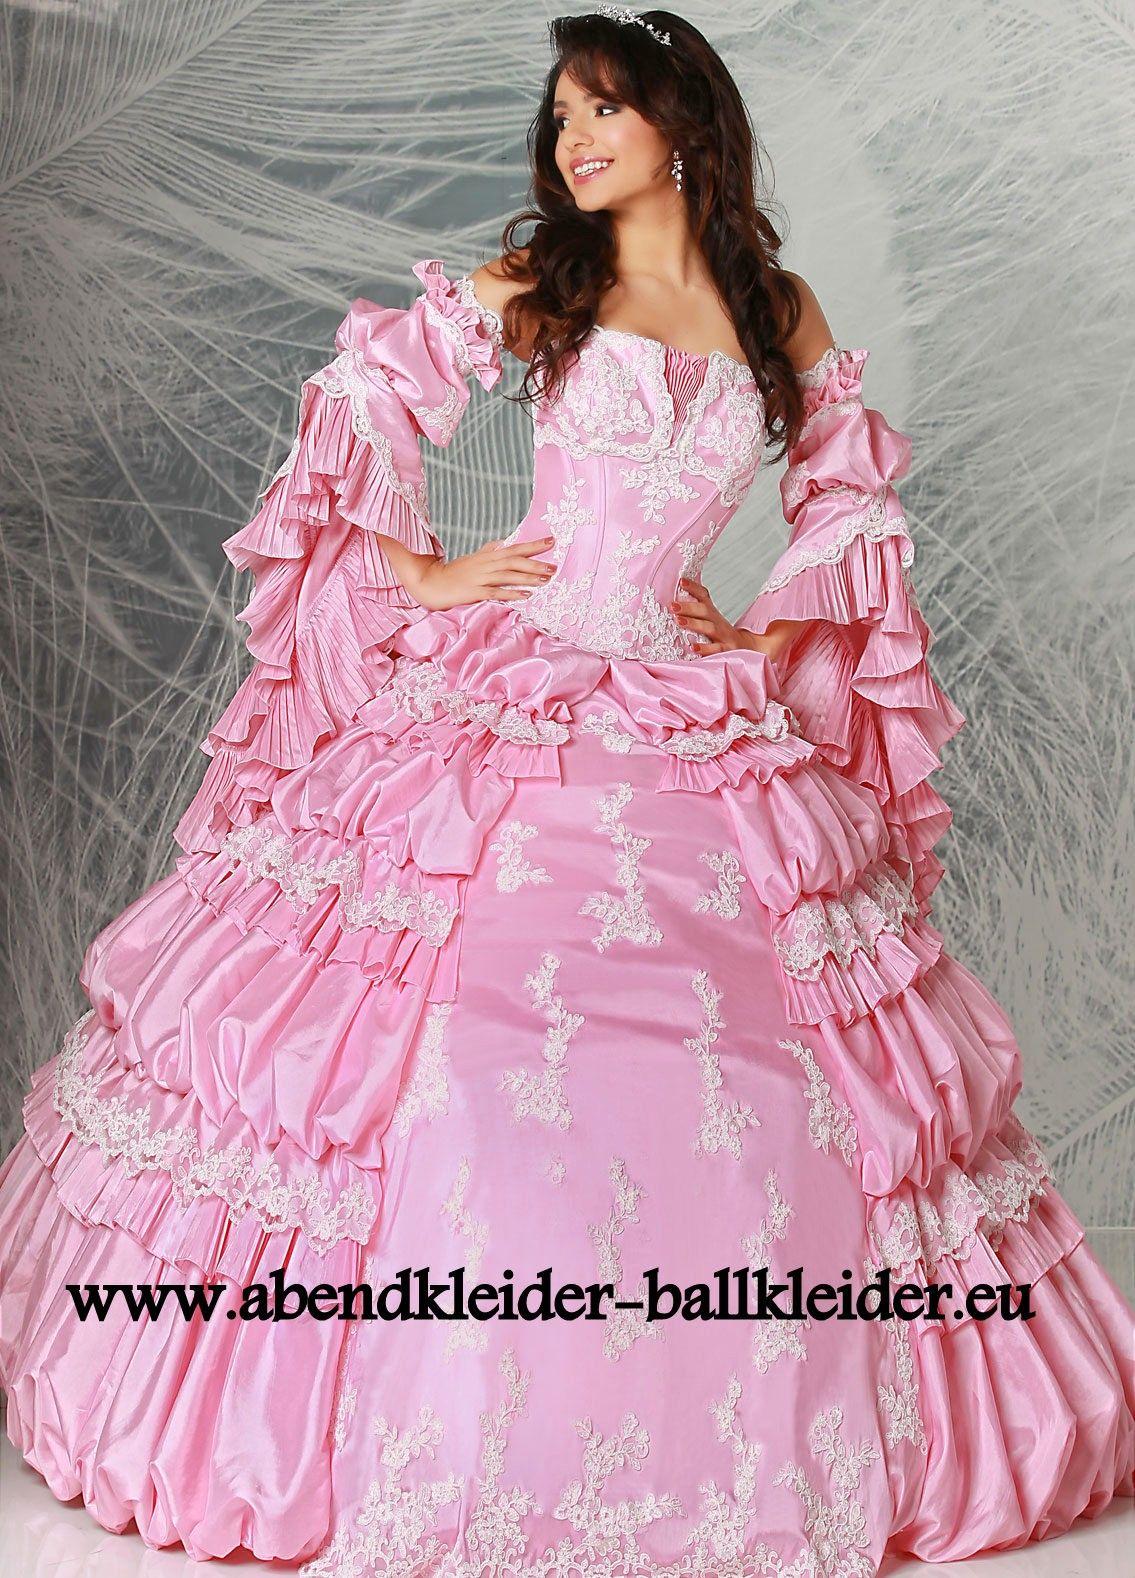 Amerikanisches Abend - Ballkleid Brautkleid Online in Rosa ...